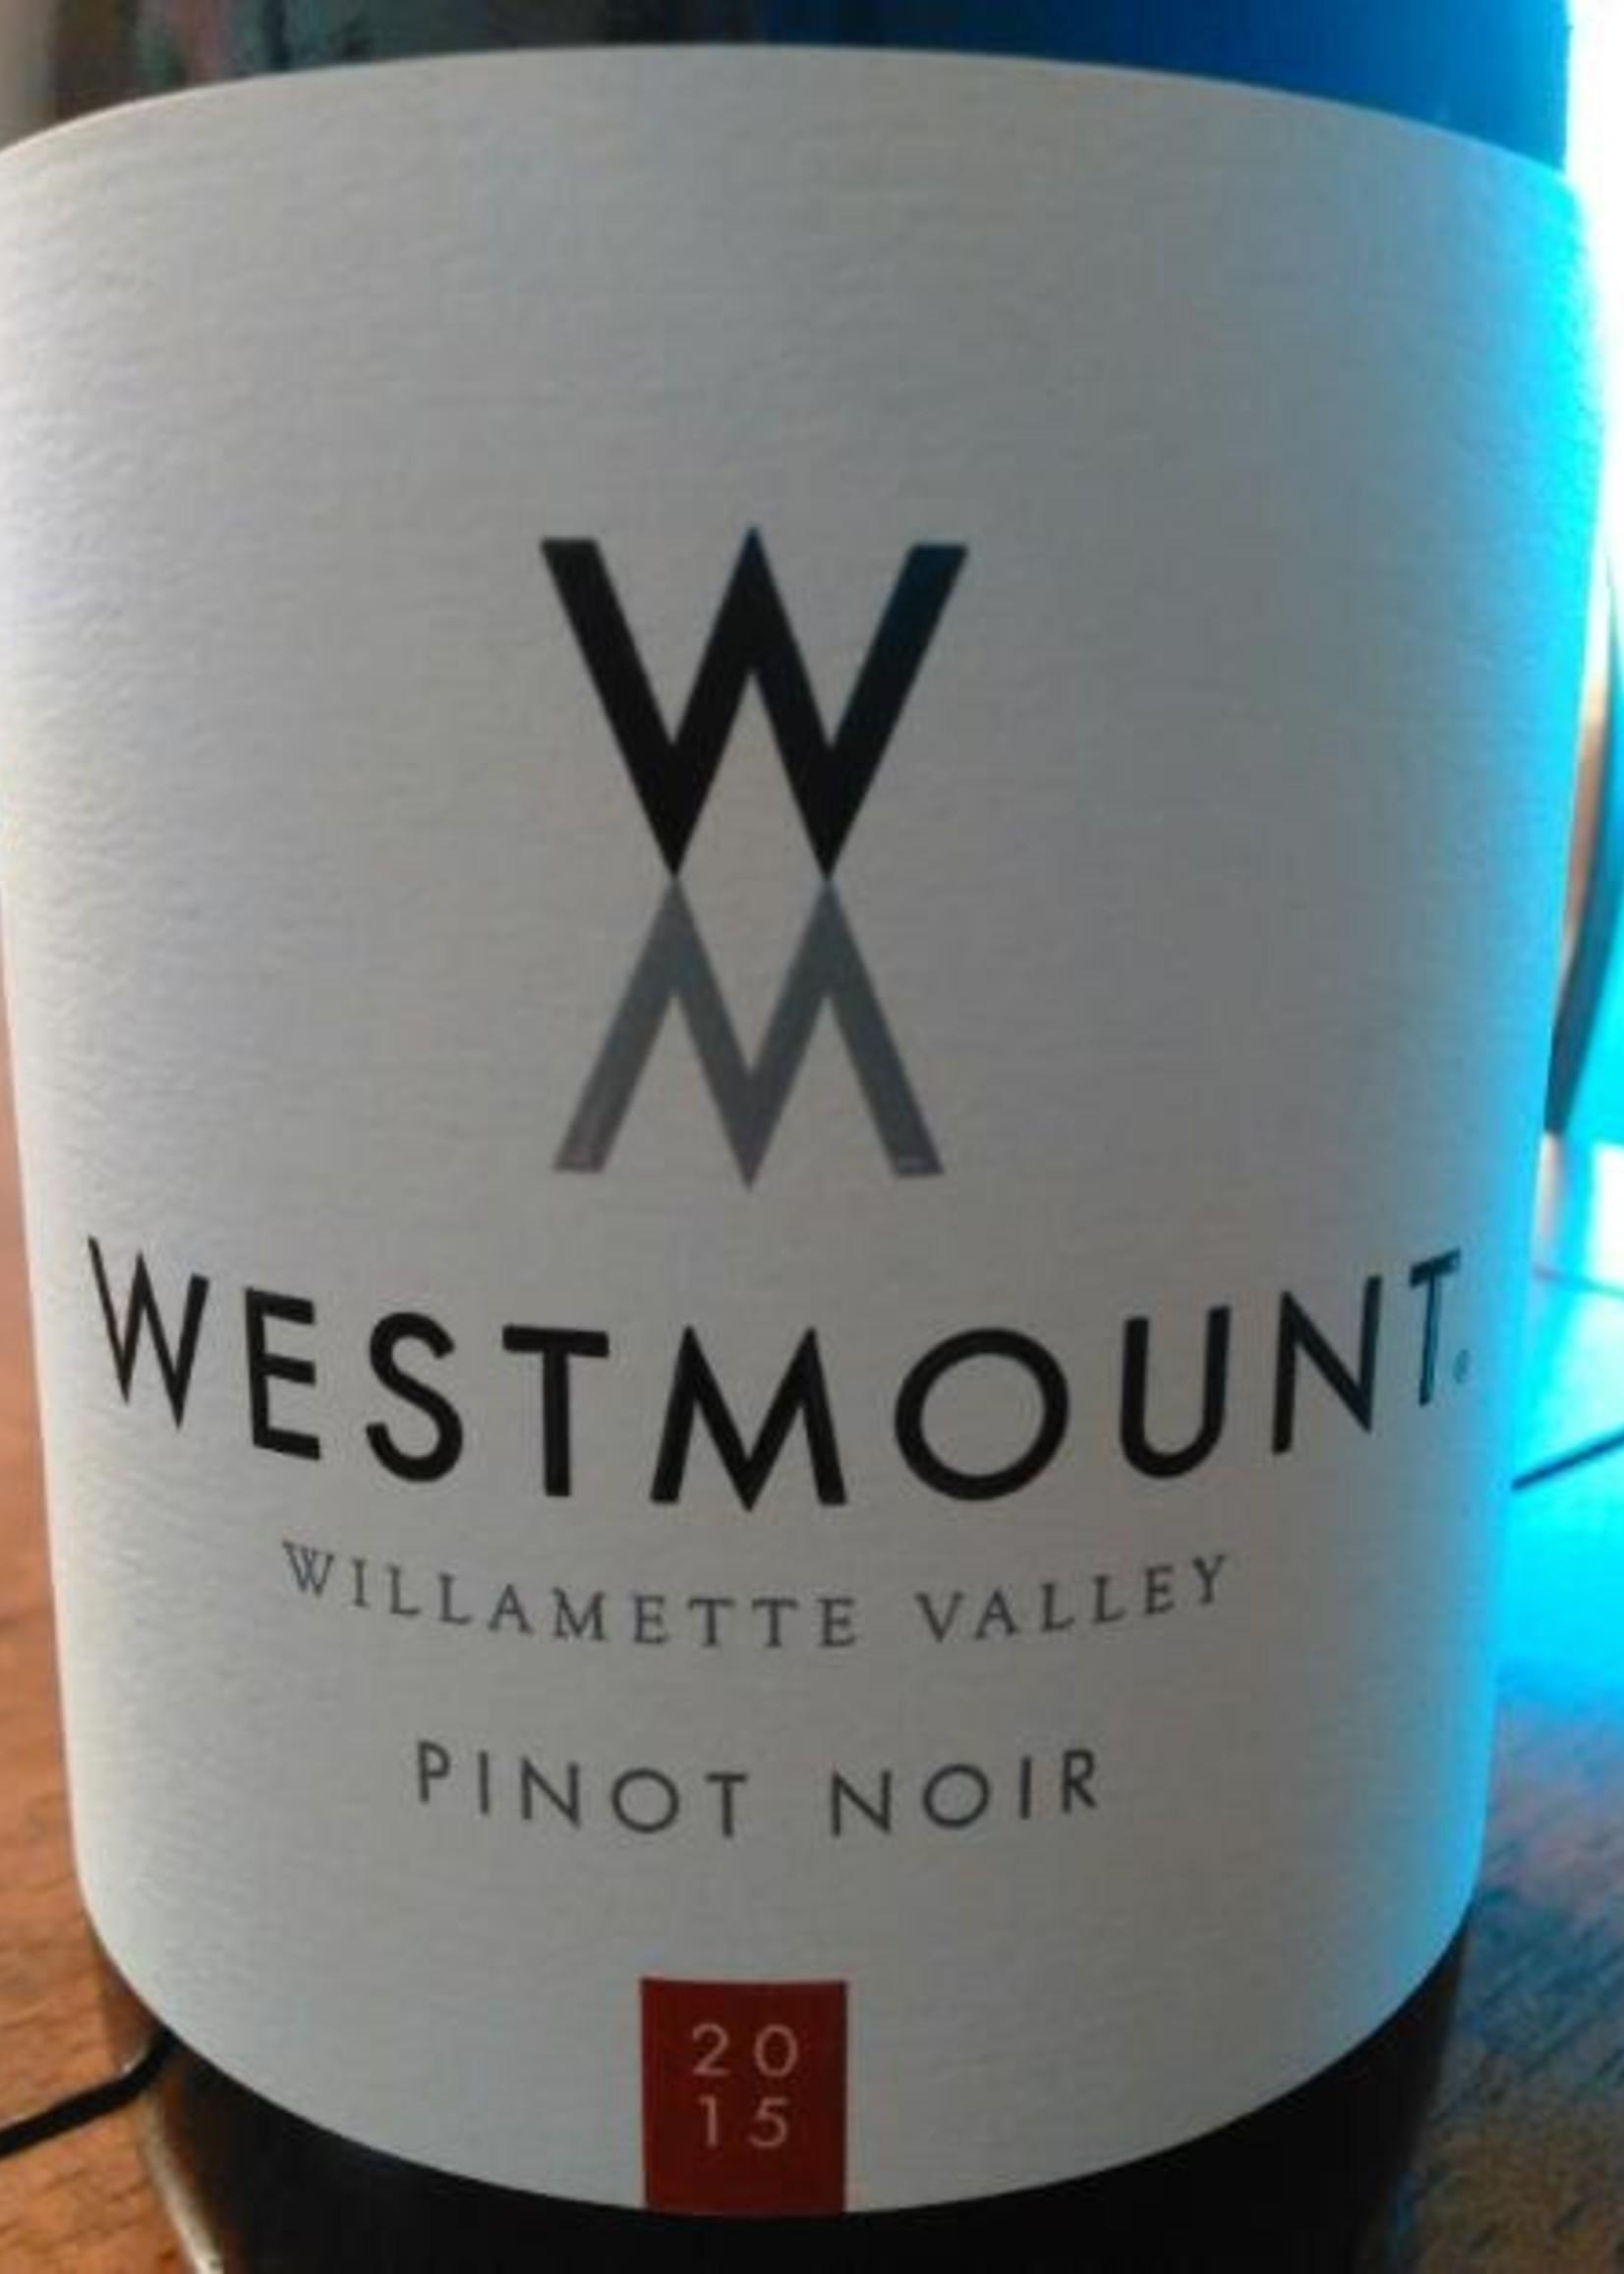 Westmount Pinot Noir CAN